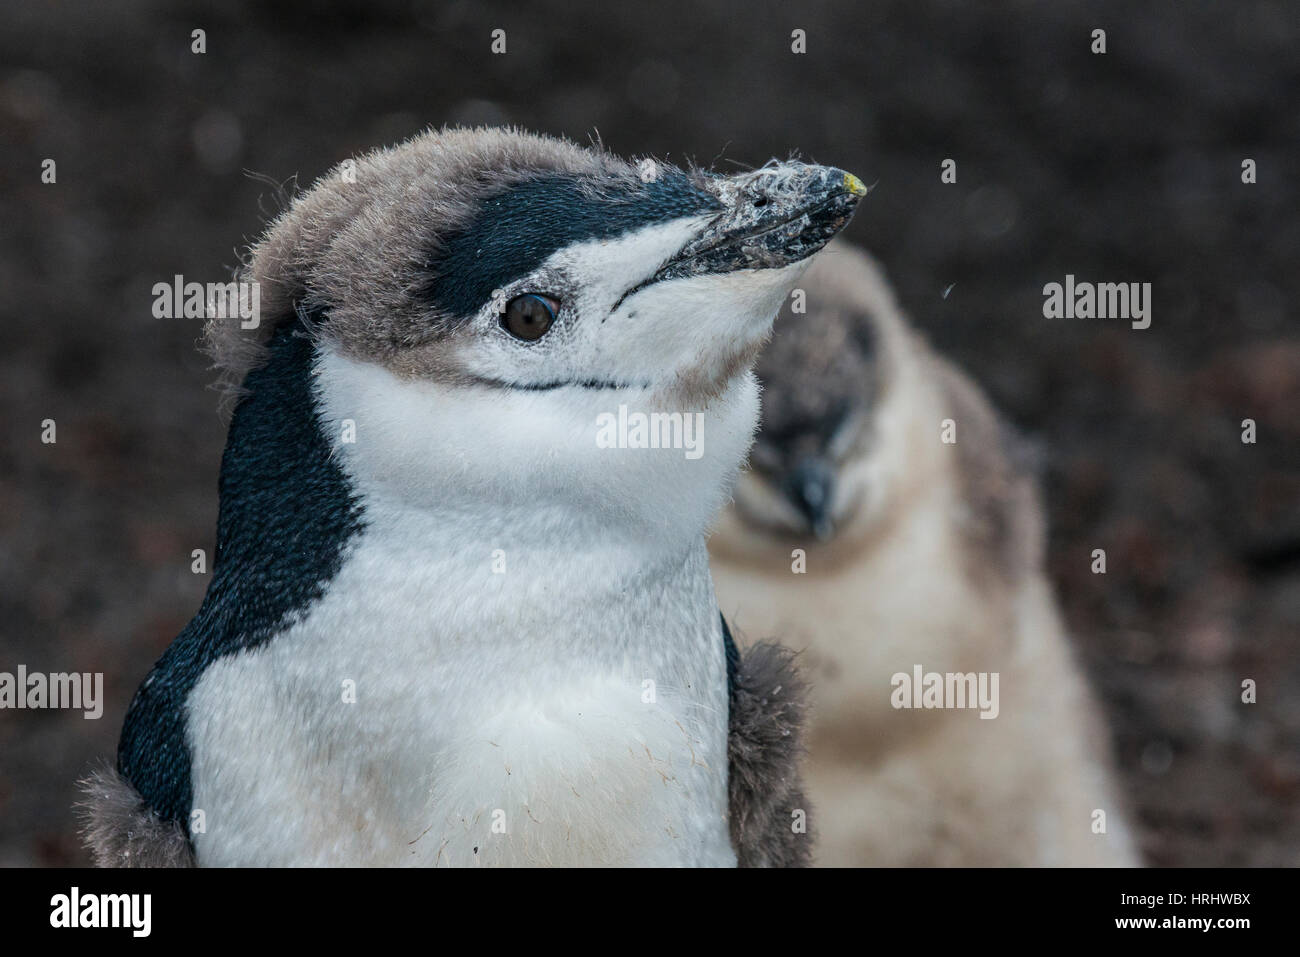 Jugulaire penguin chick noire sur une plage volcanique, l'Île Saunders, îles Sandwich du Sud, l'Antarctique Photo Stock